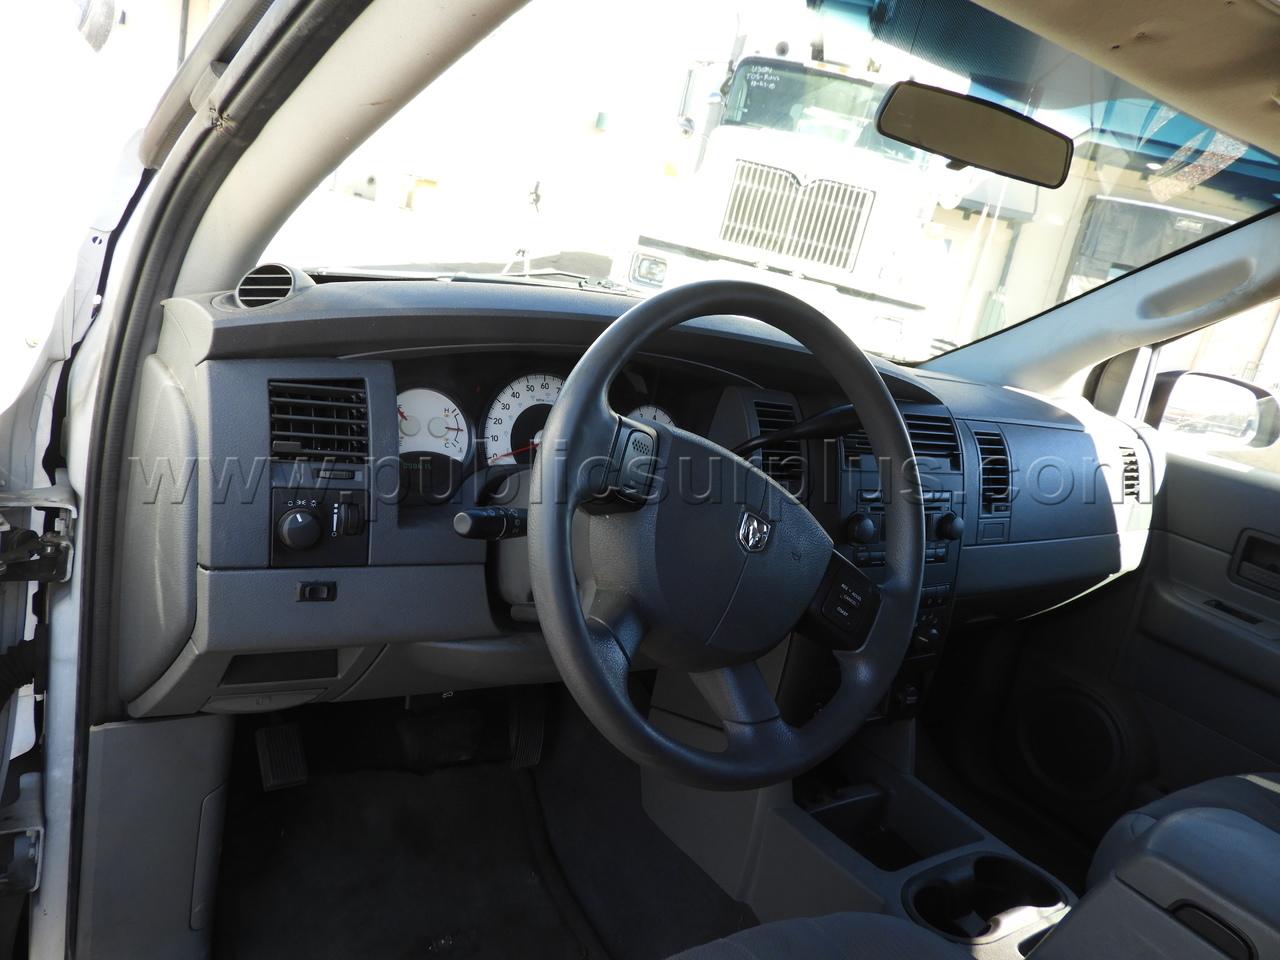 #2220249 - 2004 Dodge Durango ST 4x4